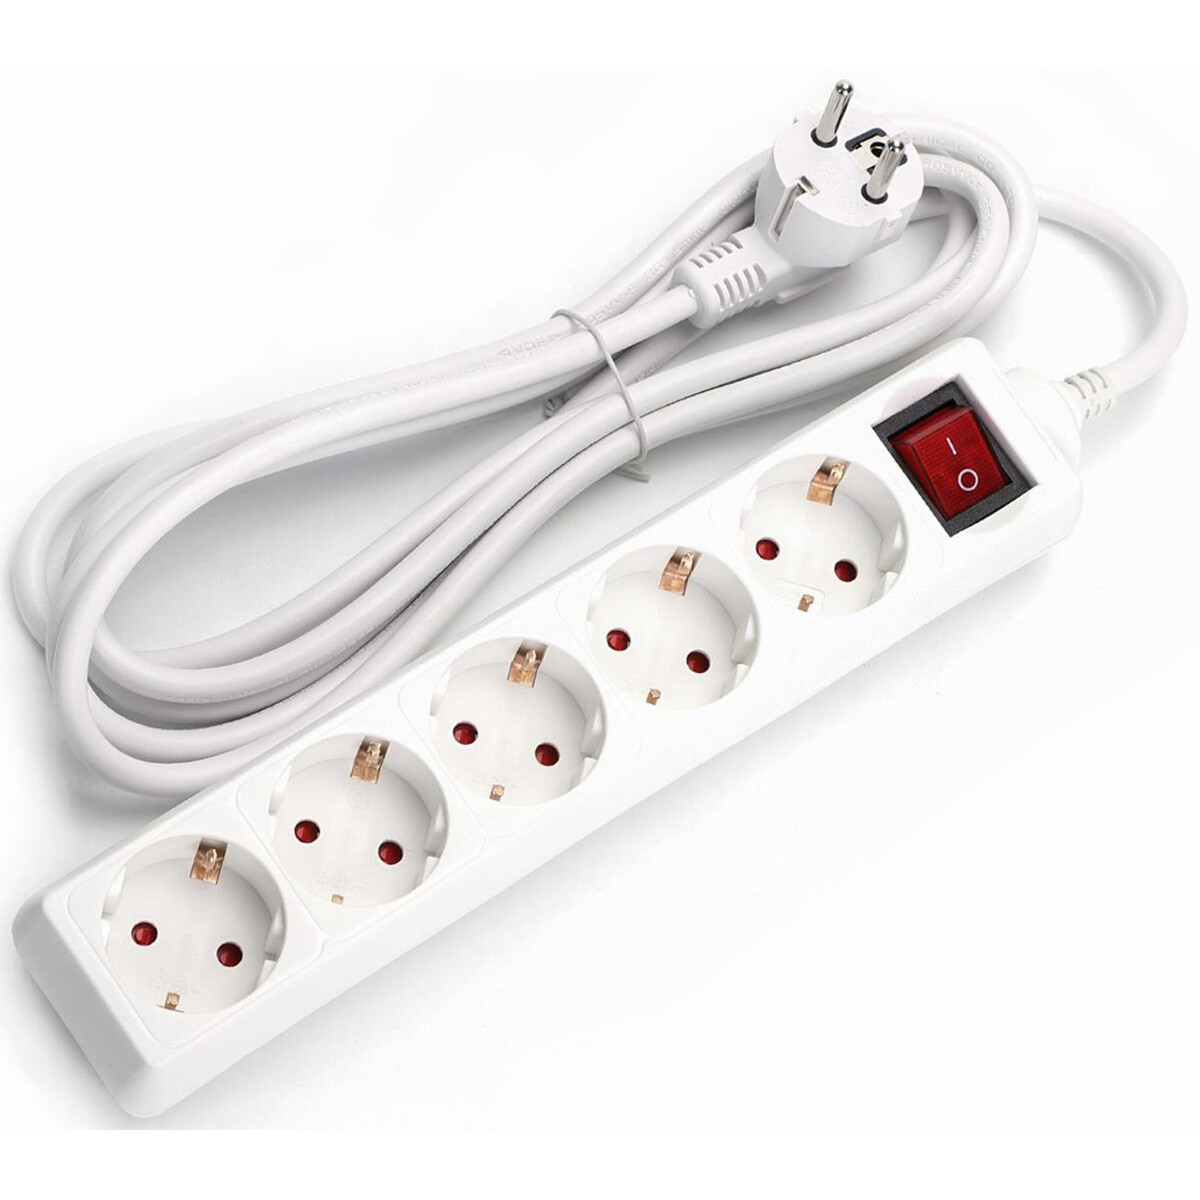 Verlengsnoer - Aigi Frutsi - 3680W - 5 Stopcontacten - 1.5 Meter - Wit | Nederland